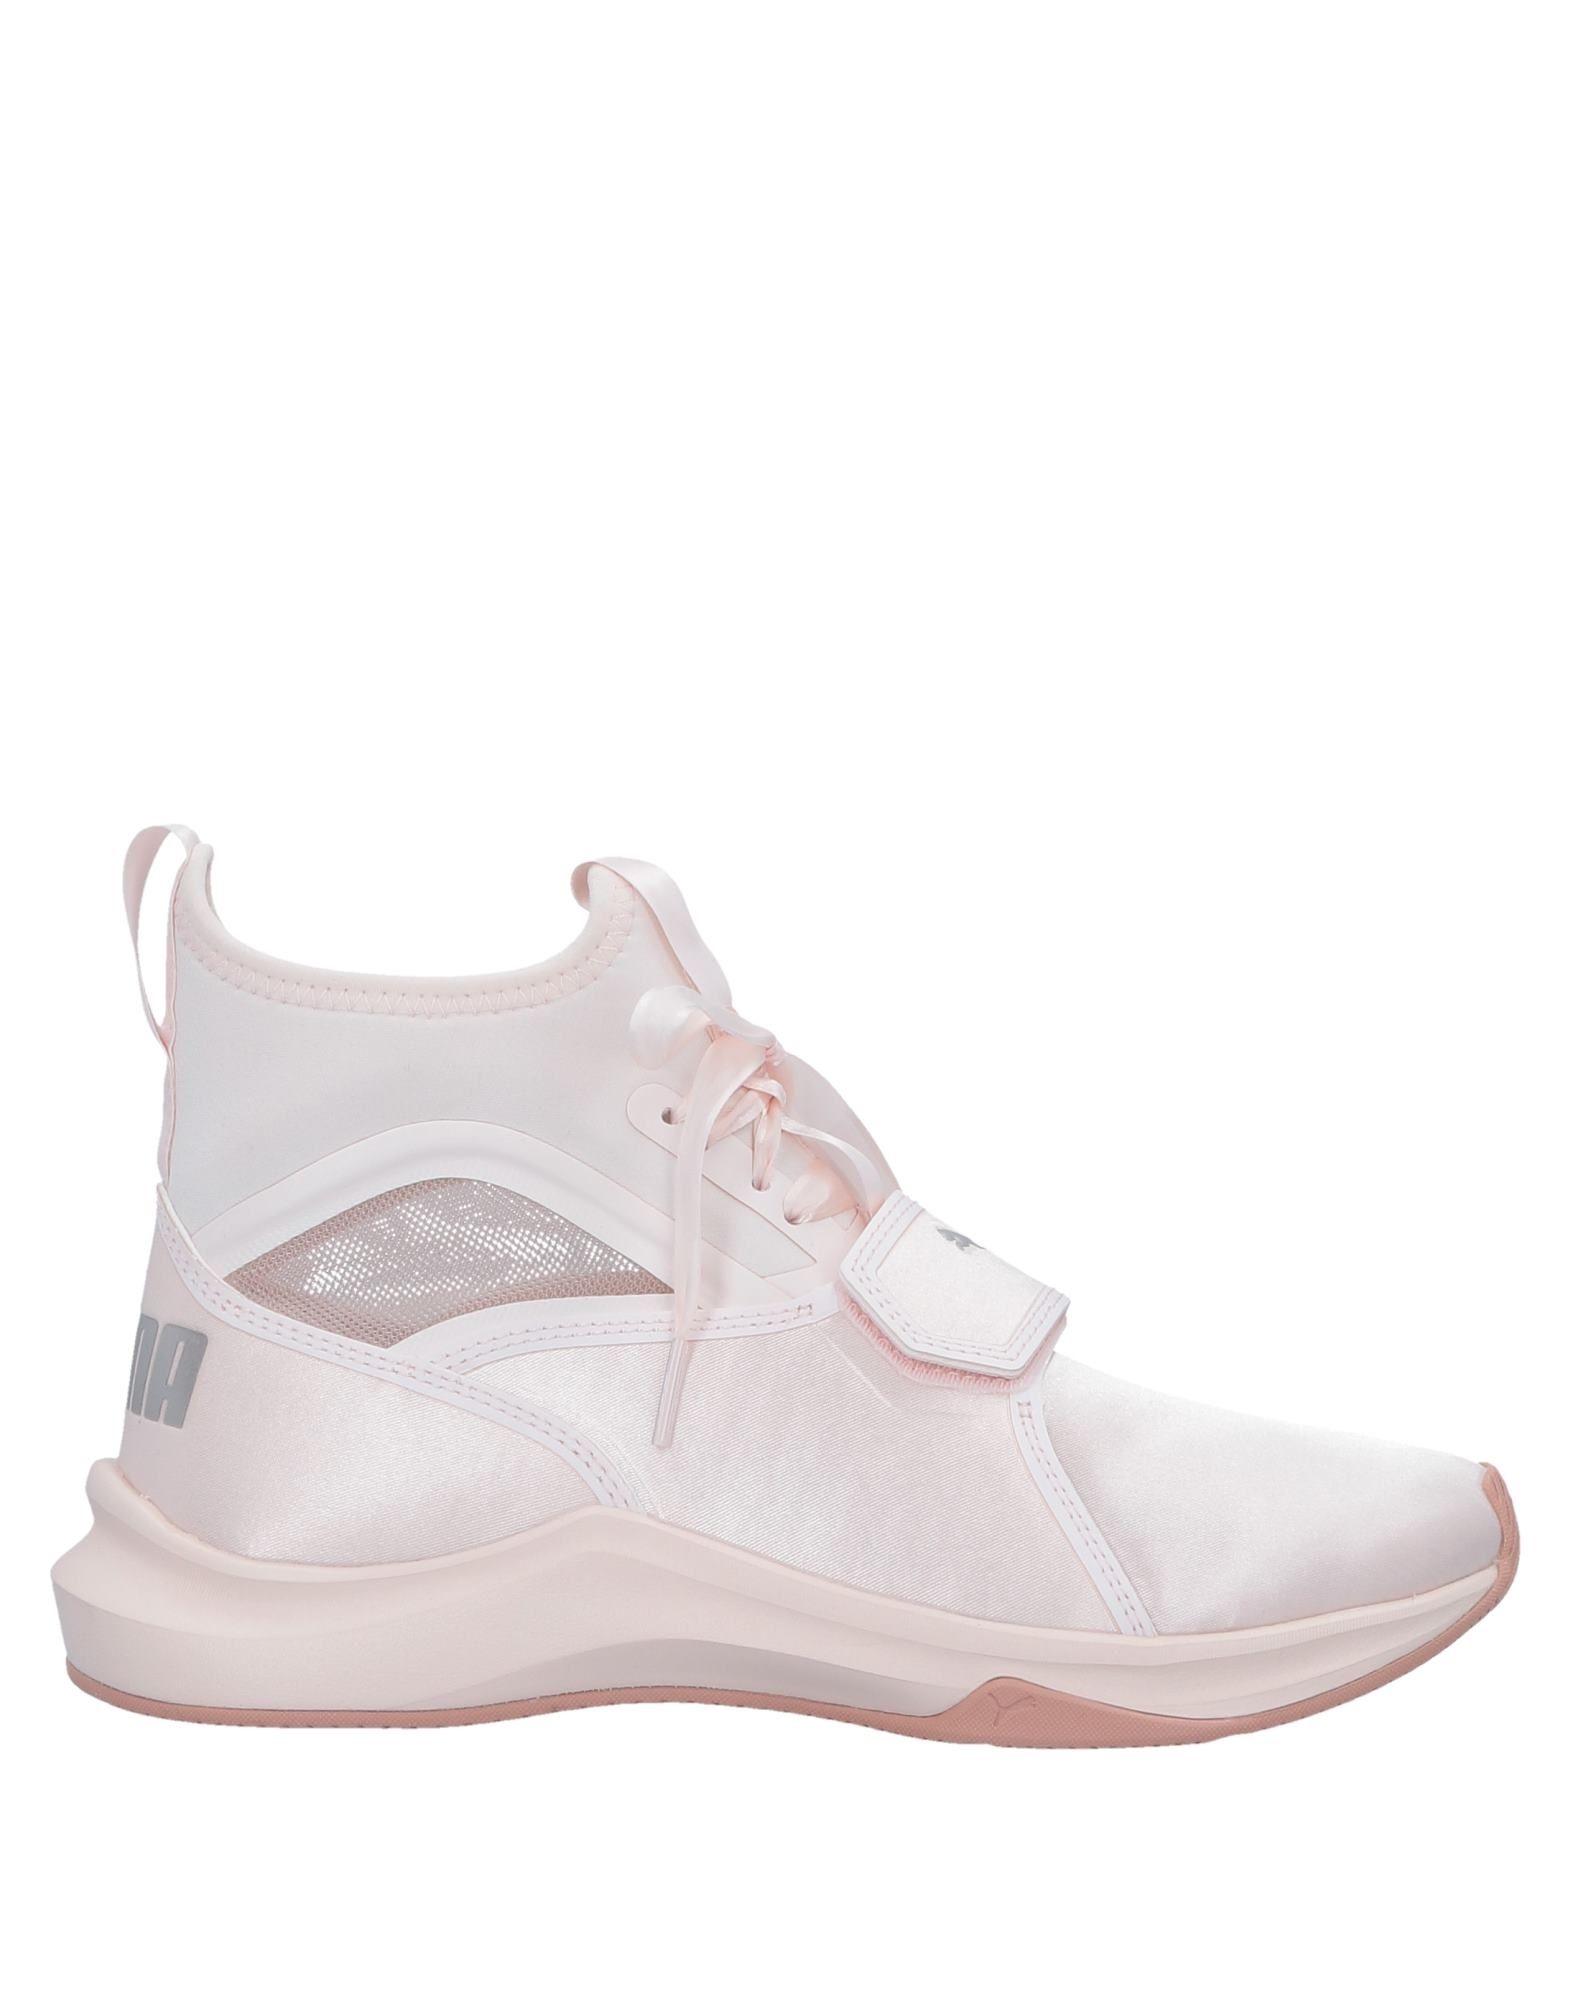 Puma Sneakers Damen   Damen 11529039CL Gute Qualität beliebte Schuhe 092913